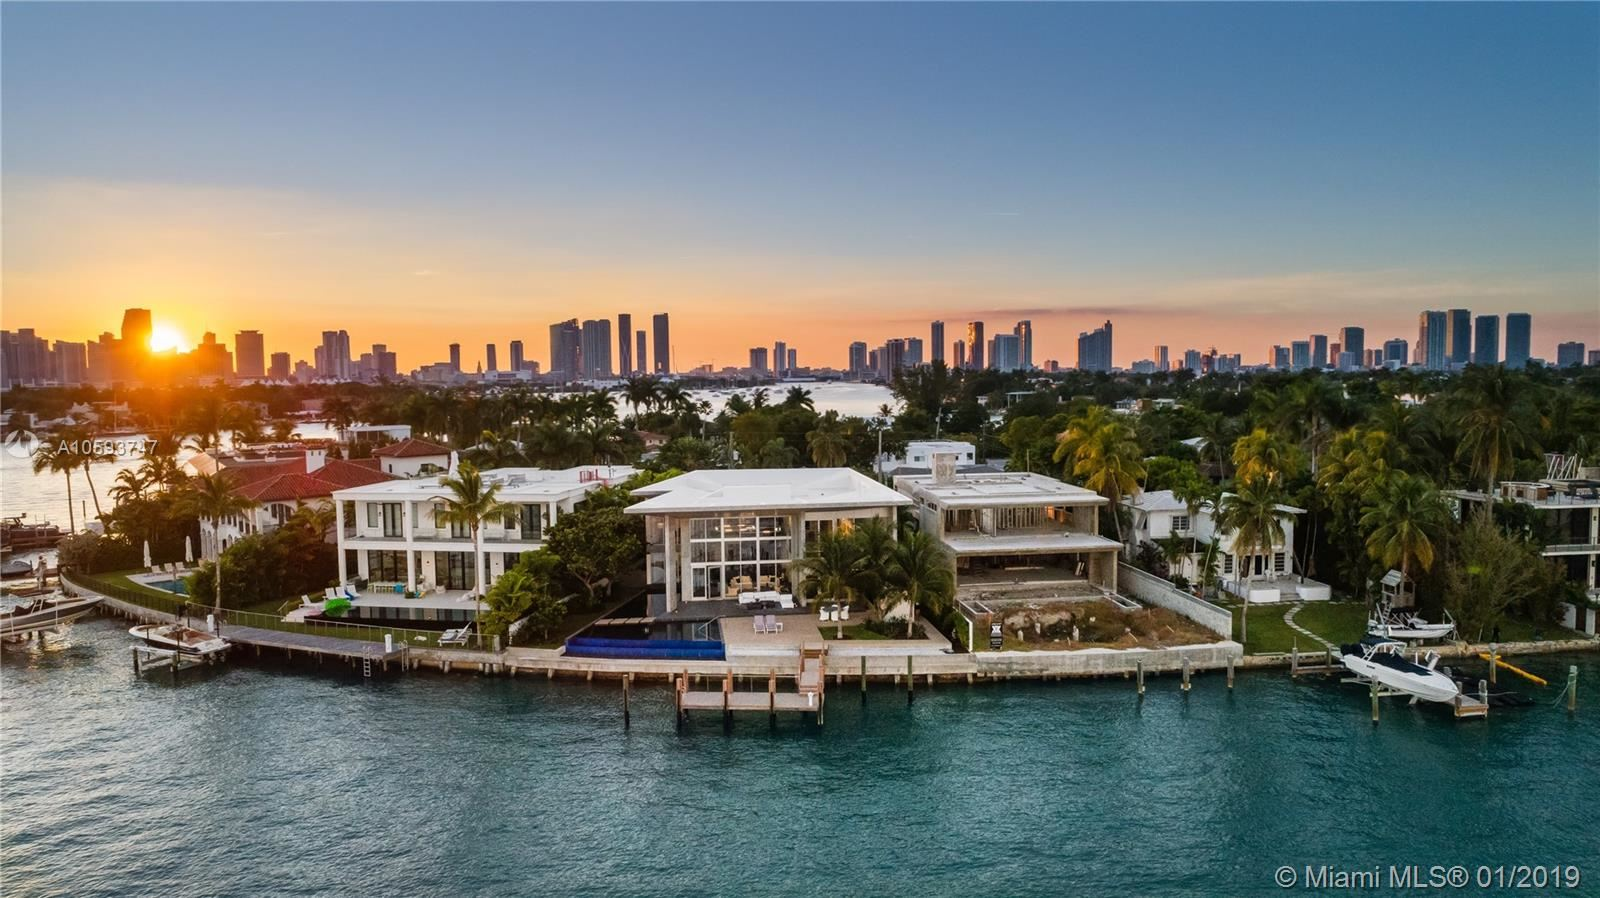 Photo 1 of Listing MLS a10593747 in 35 E Dilido Dr Miami Beach FL 33139